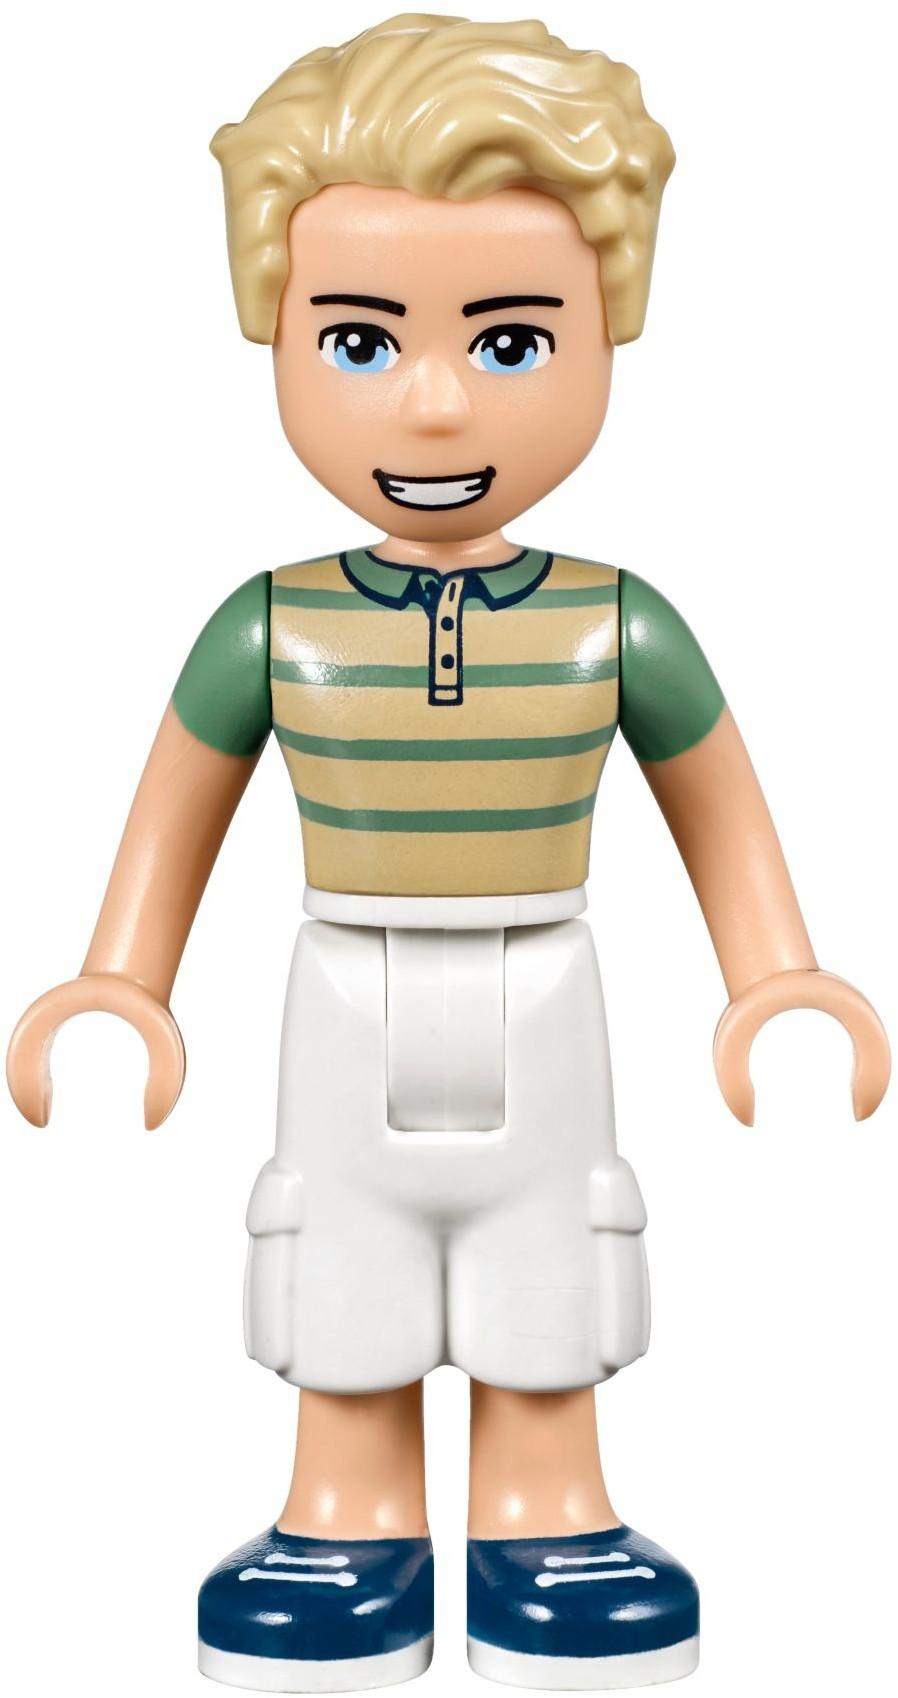 810ade4abd3 James | LEGO Friends Wiki | FANDOM powered by Wikia